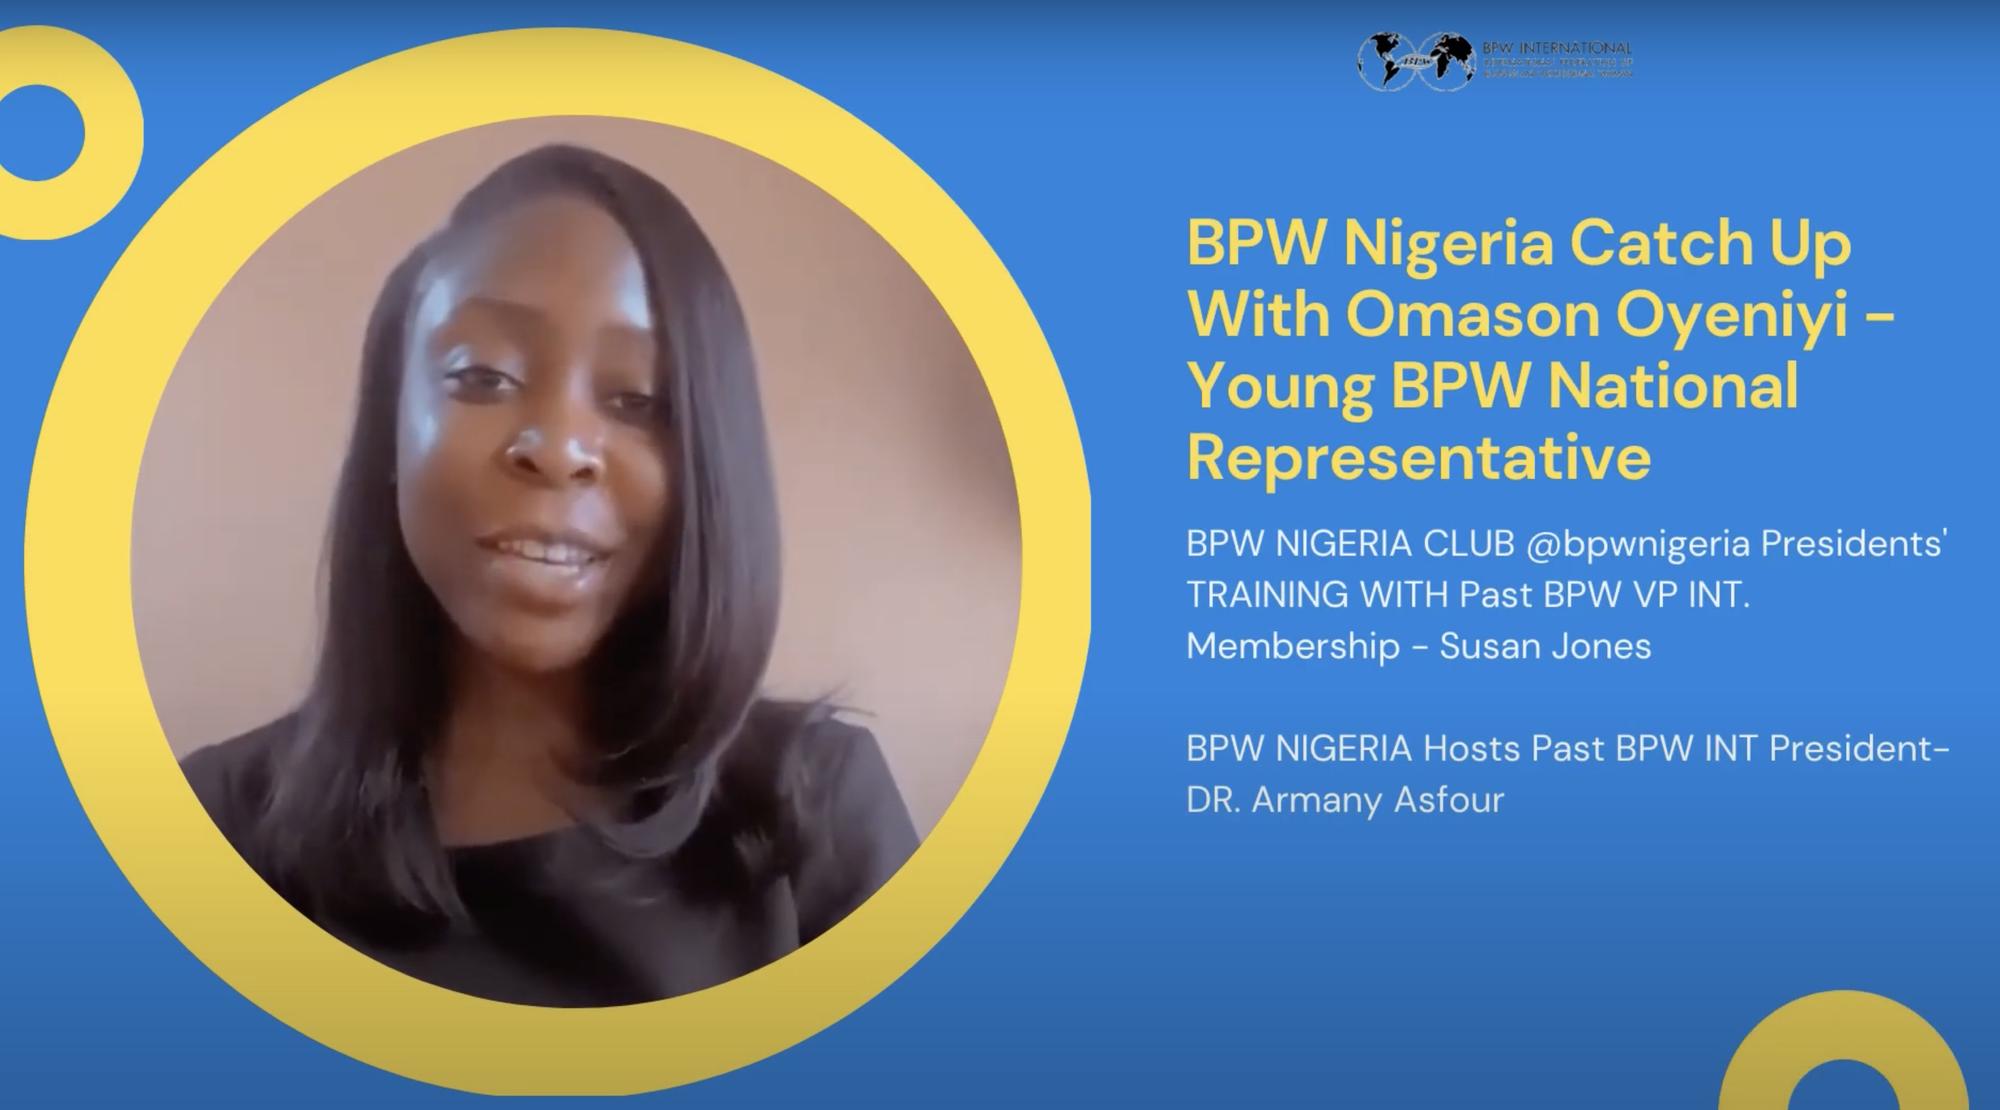 BPW Nigeria - Catch Up With Young BPW Omason Oyeniyi